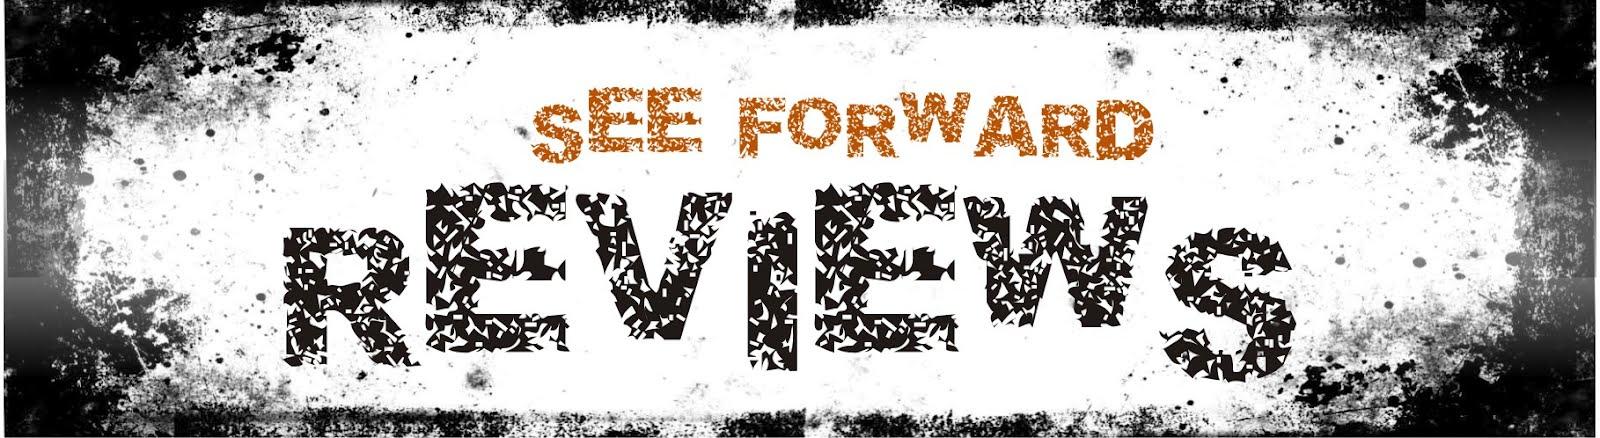 / / www.seeforwardreviews.com // Recomendaciones, Criticas, Trailers , Todo Cine